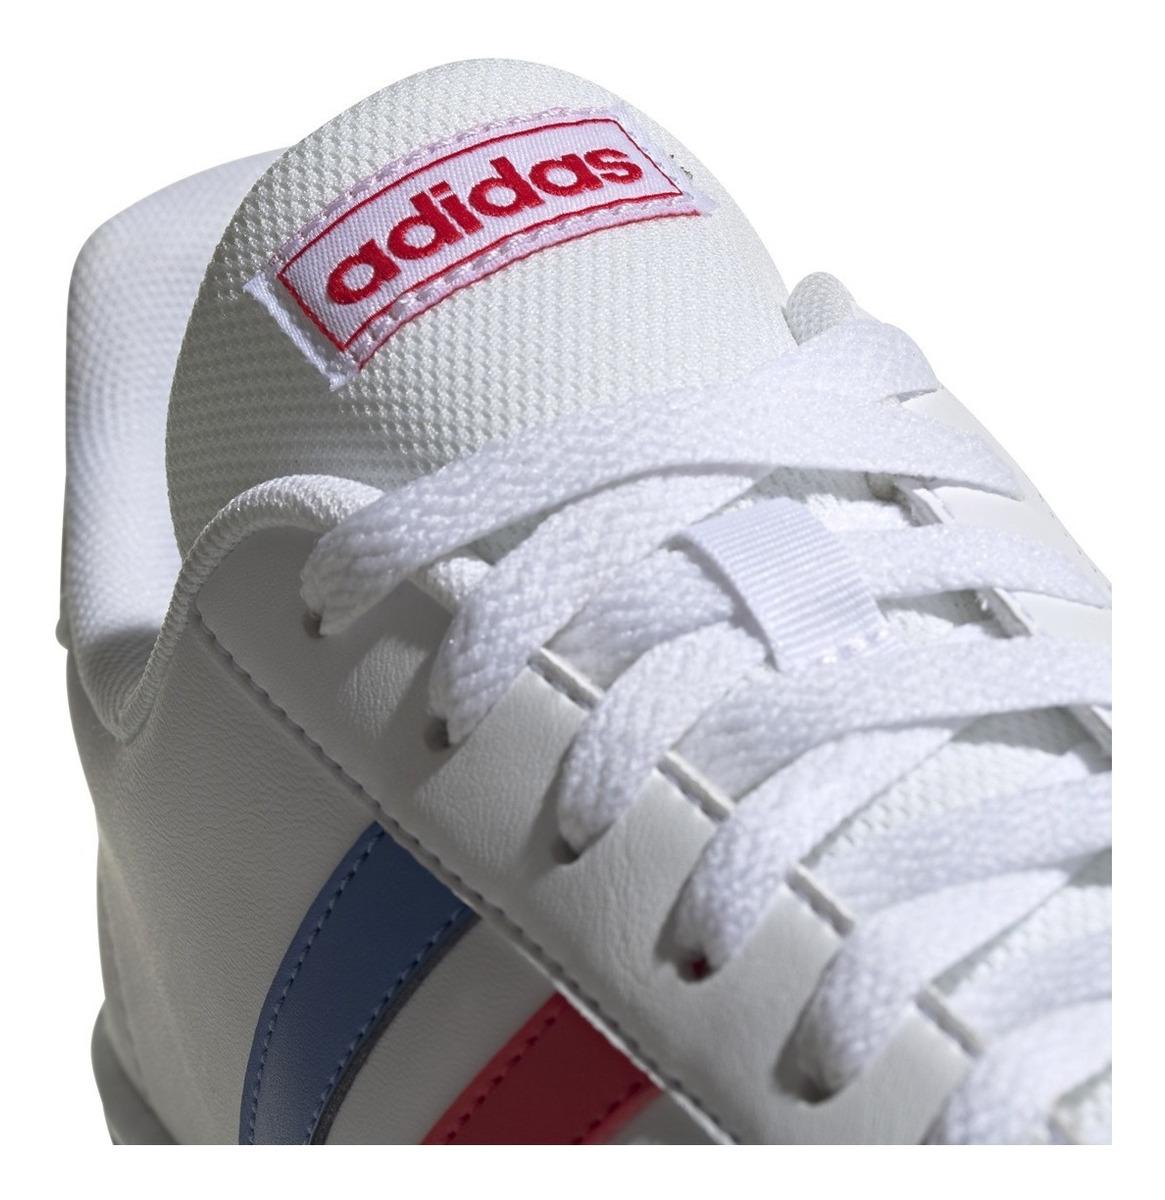 venta online gran selección de tienda oficial Zapatillas adidas Moda Grand Court Base Hombre Bl/az - $ 4.199,00 ...